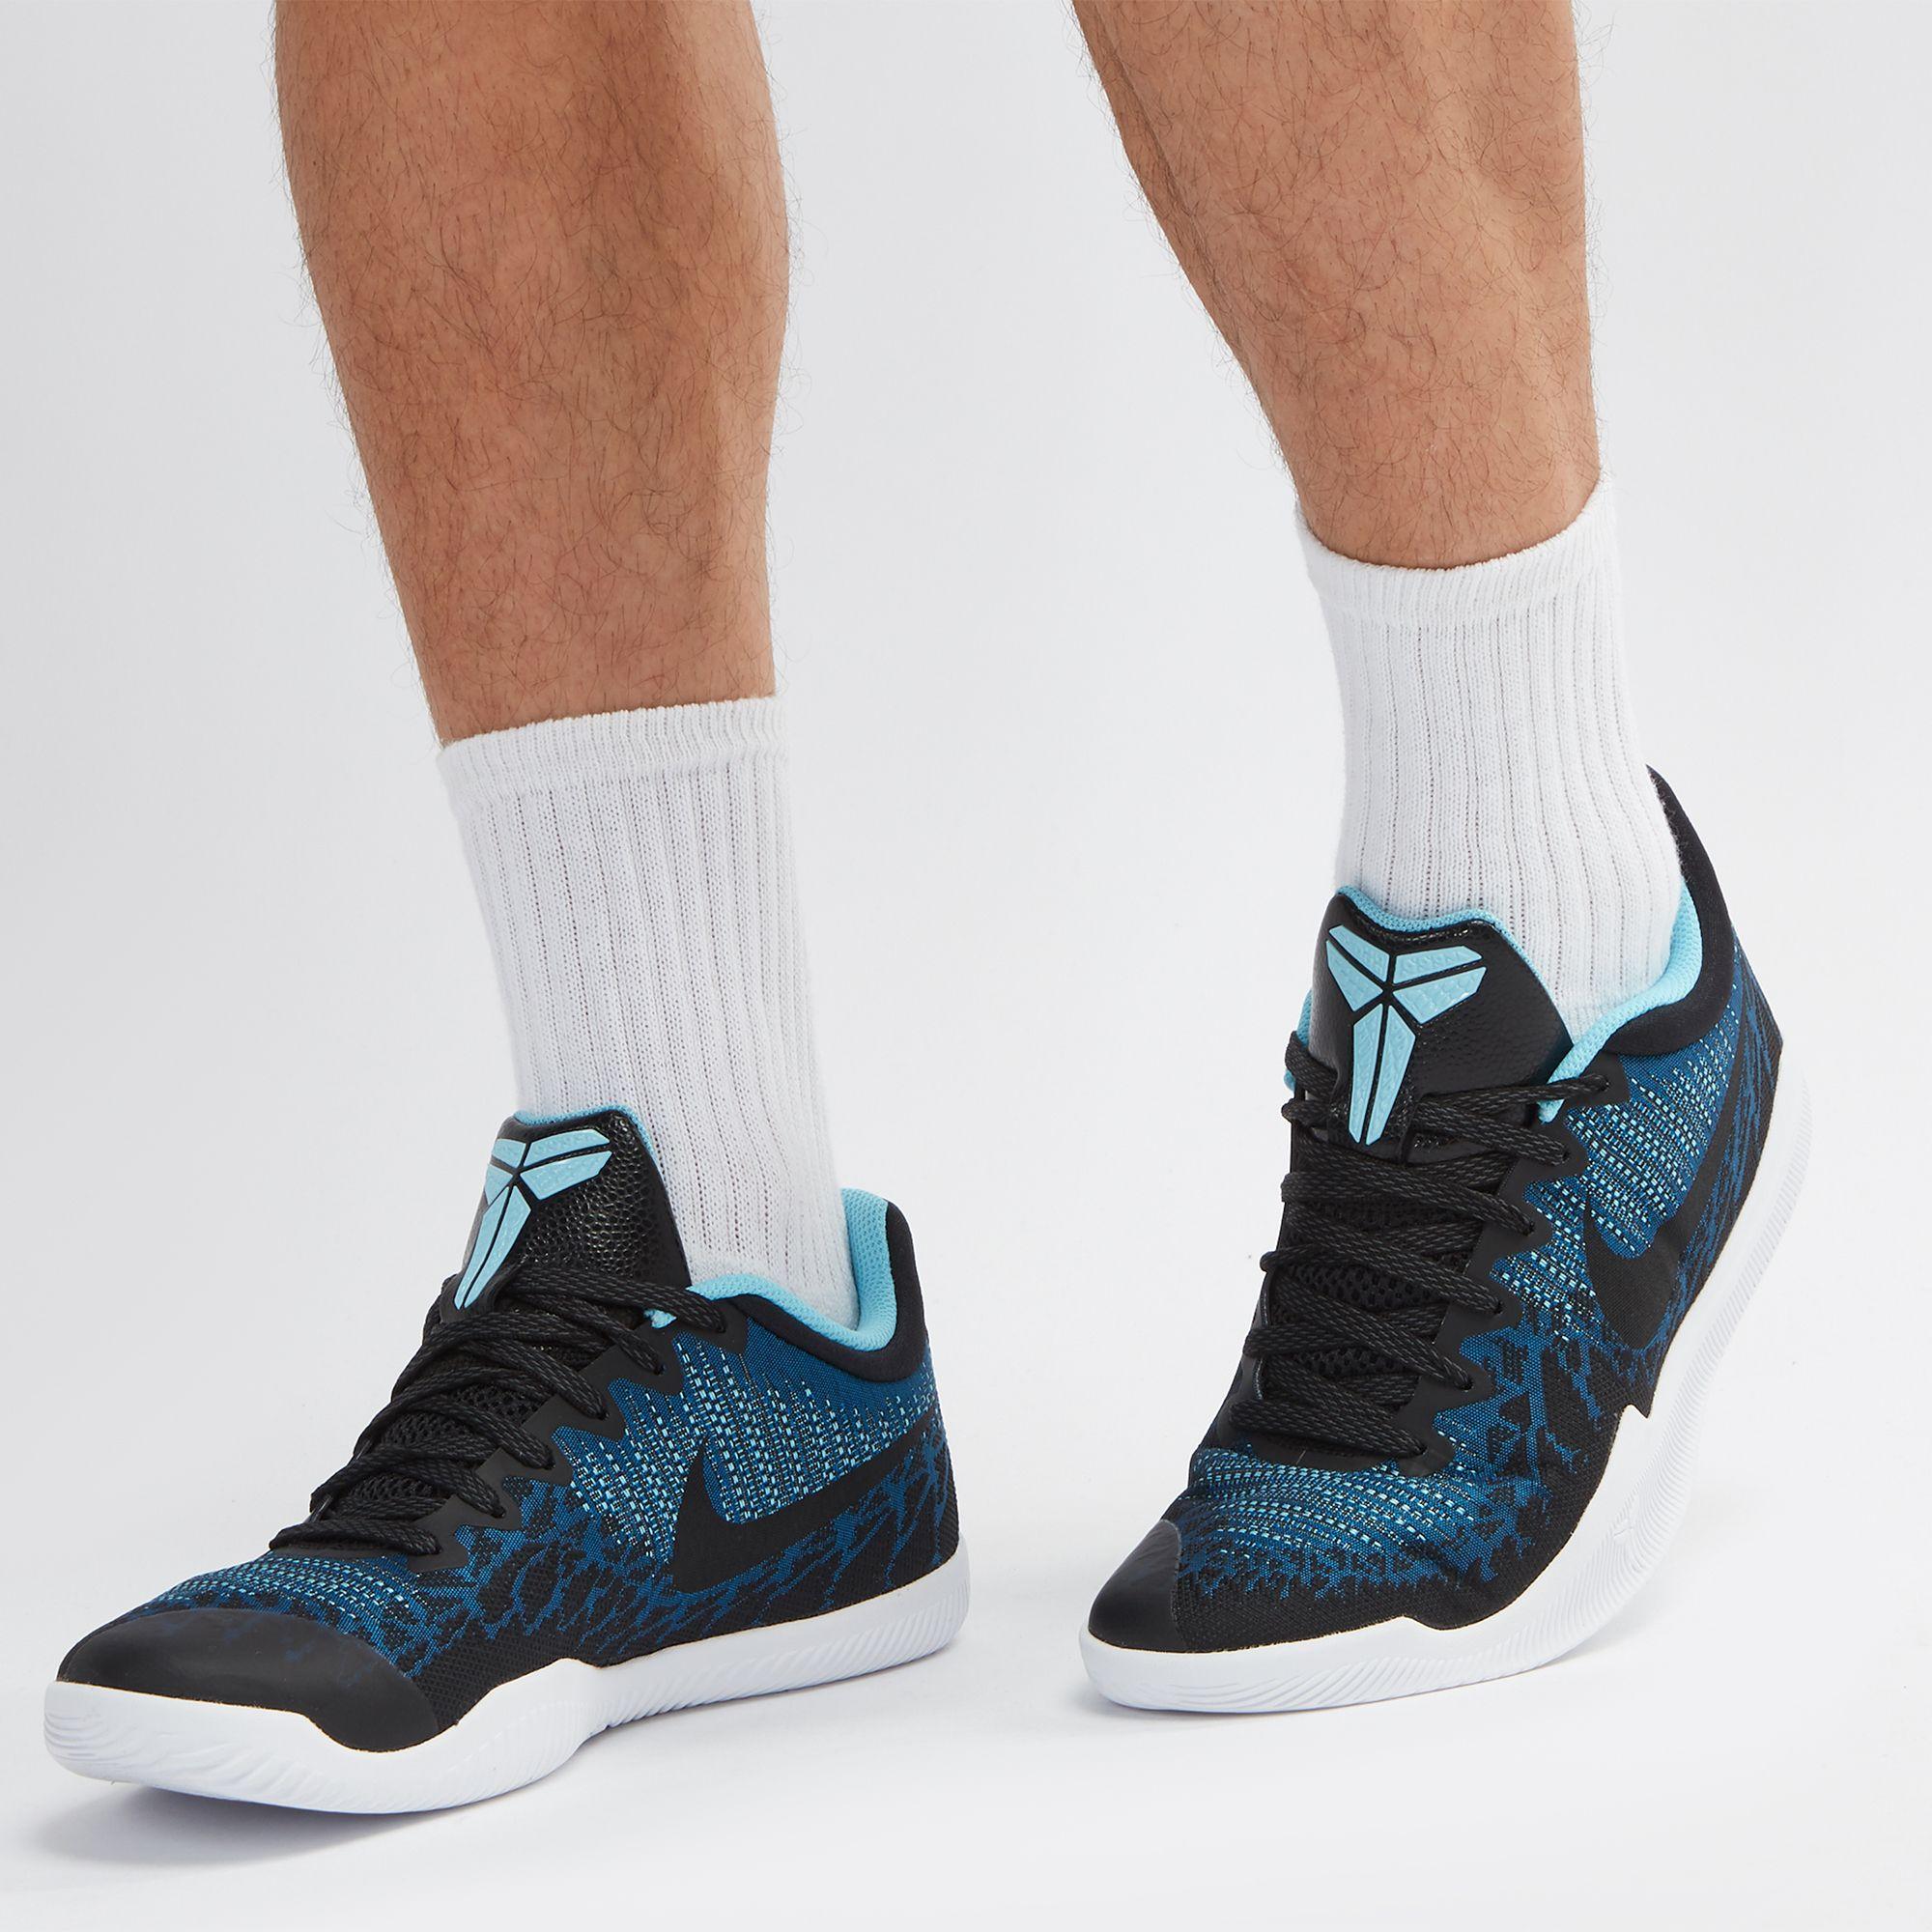 b969b8330b50 Shop Blue Nike Mamba Rage Shoe for Mens by Nike